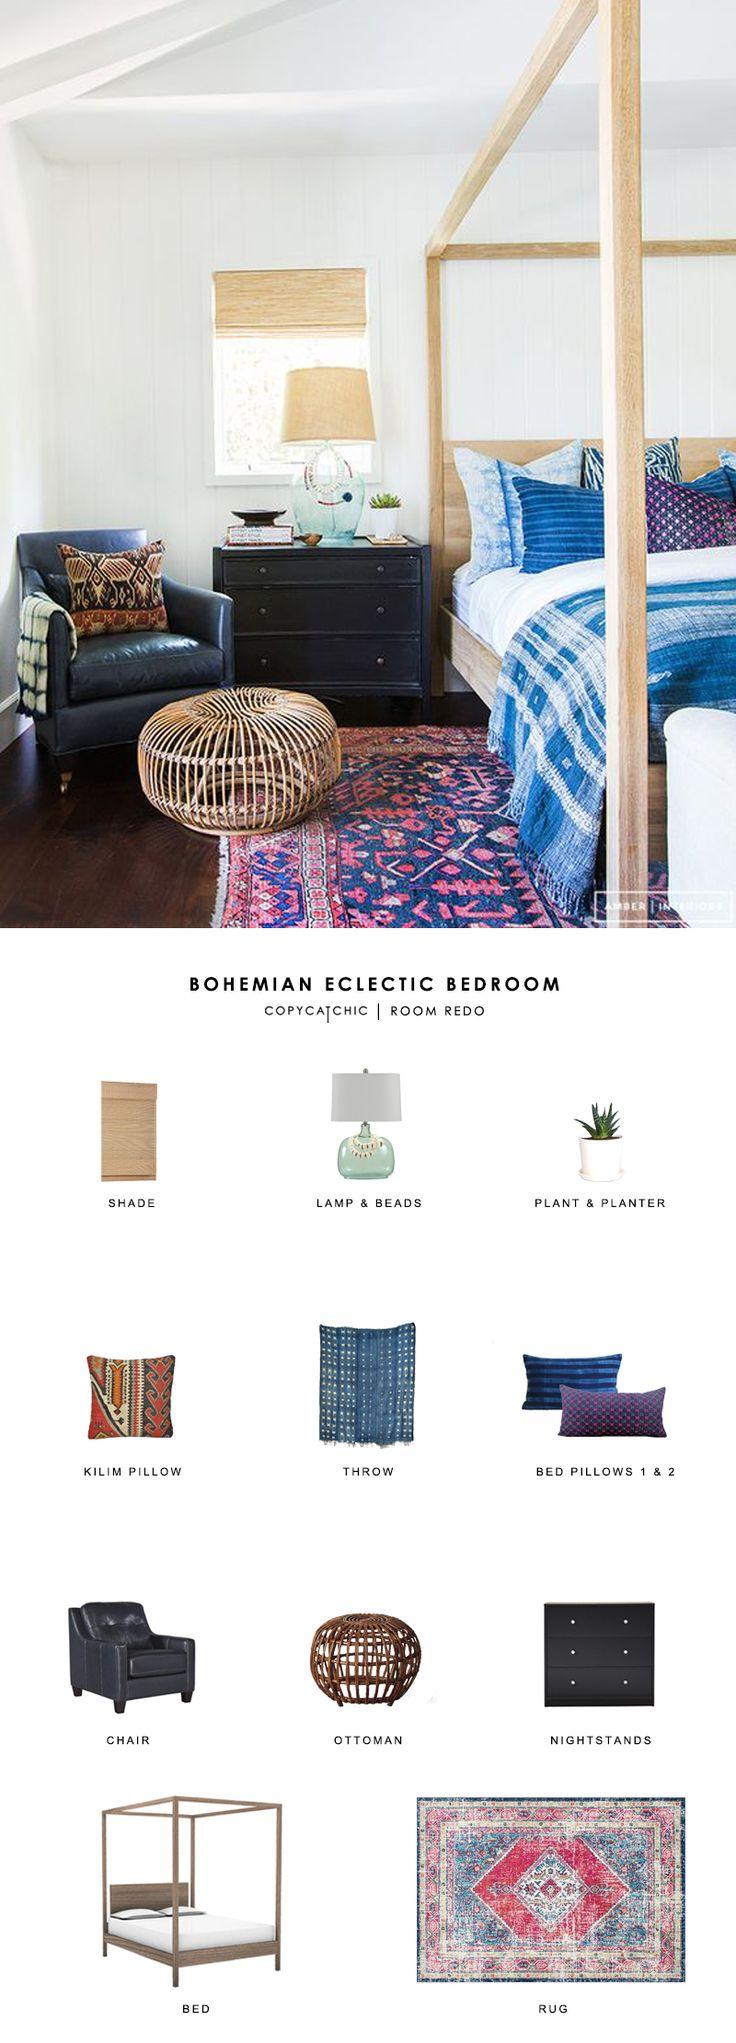 Copy Cat Chic Room Redo | Bohemian Eclectic Bedroom